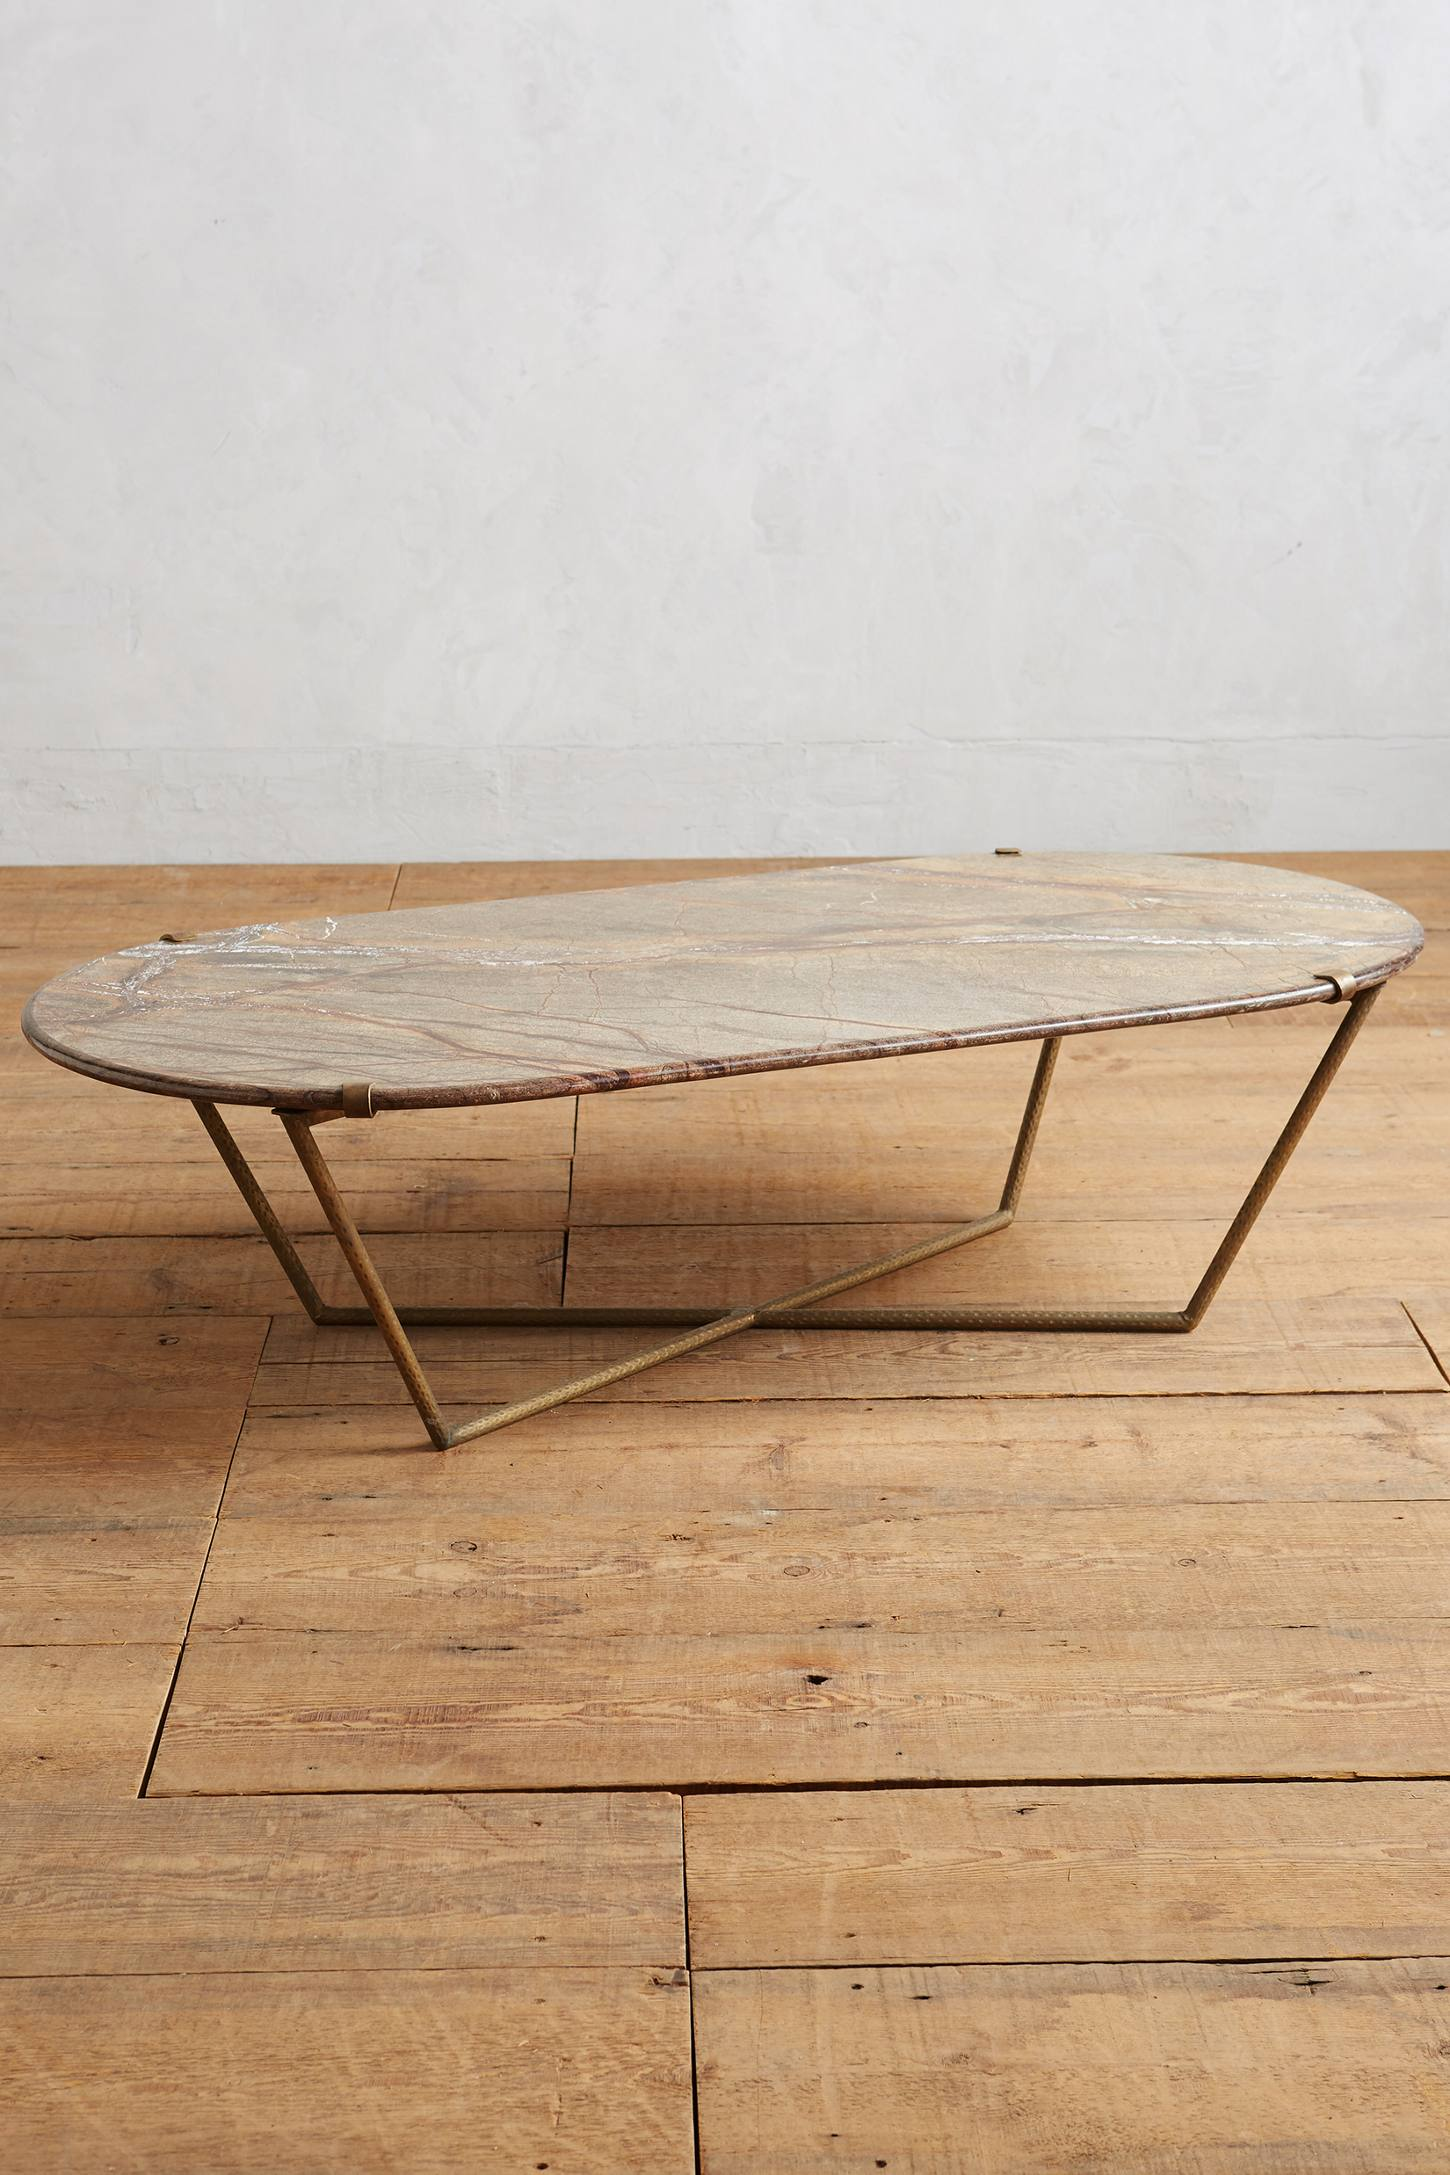 Slivered Boulder Table, Oval